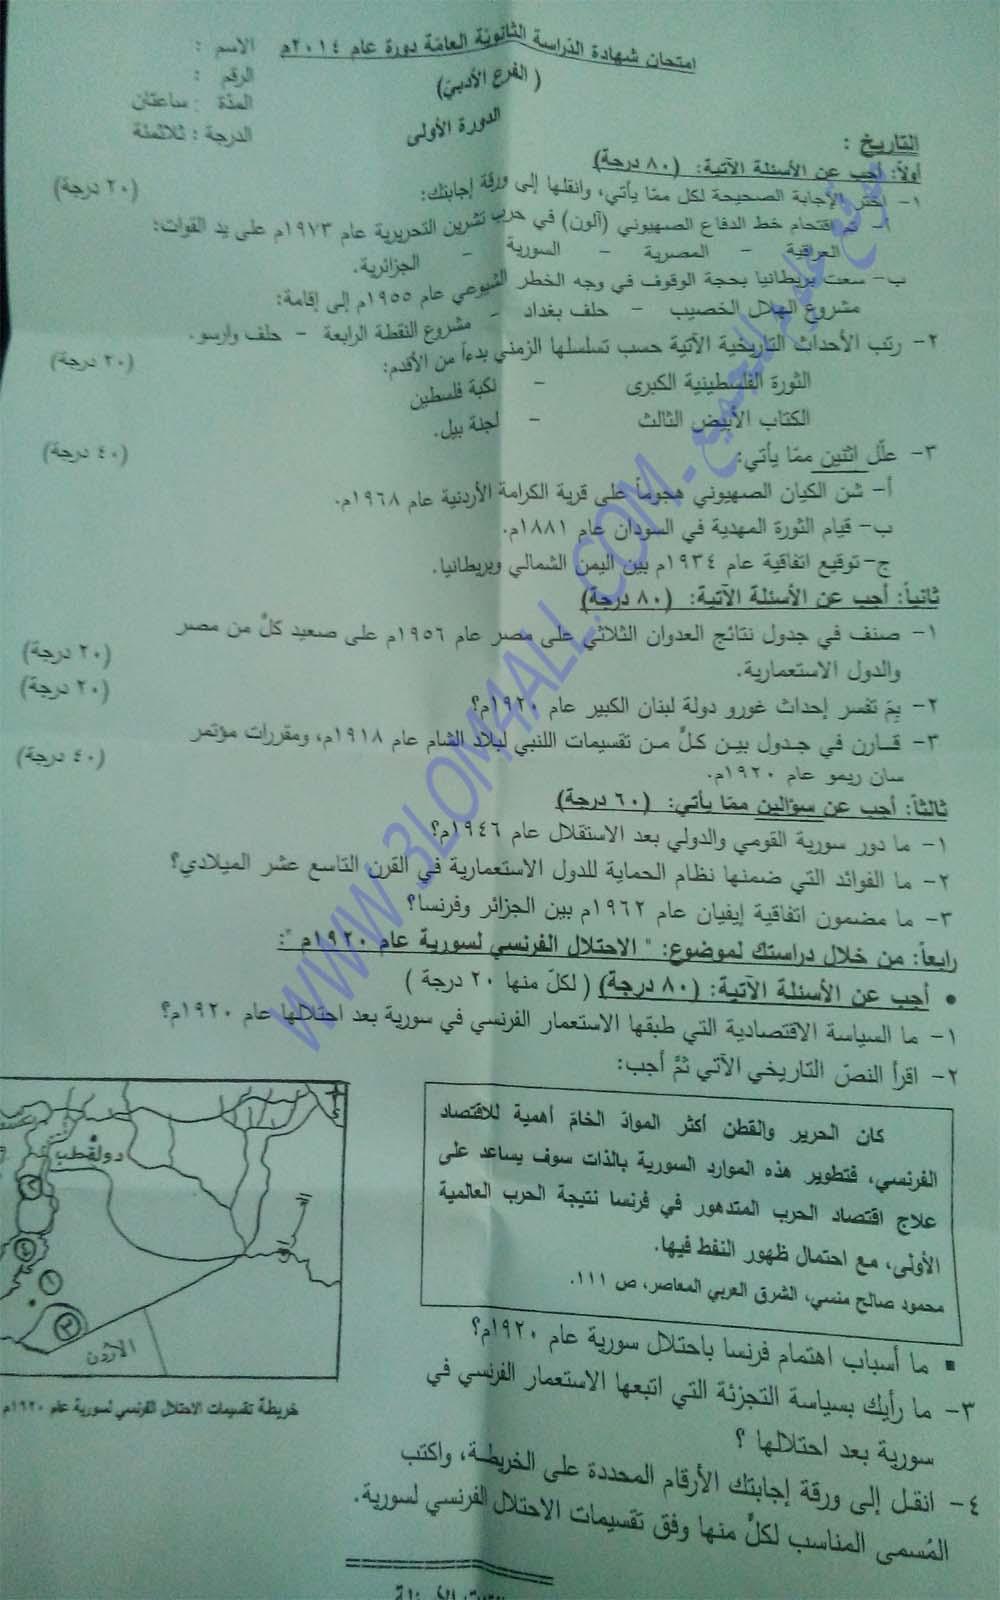 وزارة التربية في سوريا - ورقة اسئلة التاريخ البكالوريا الأدبي الدورة الاولى 2014 م